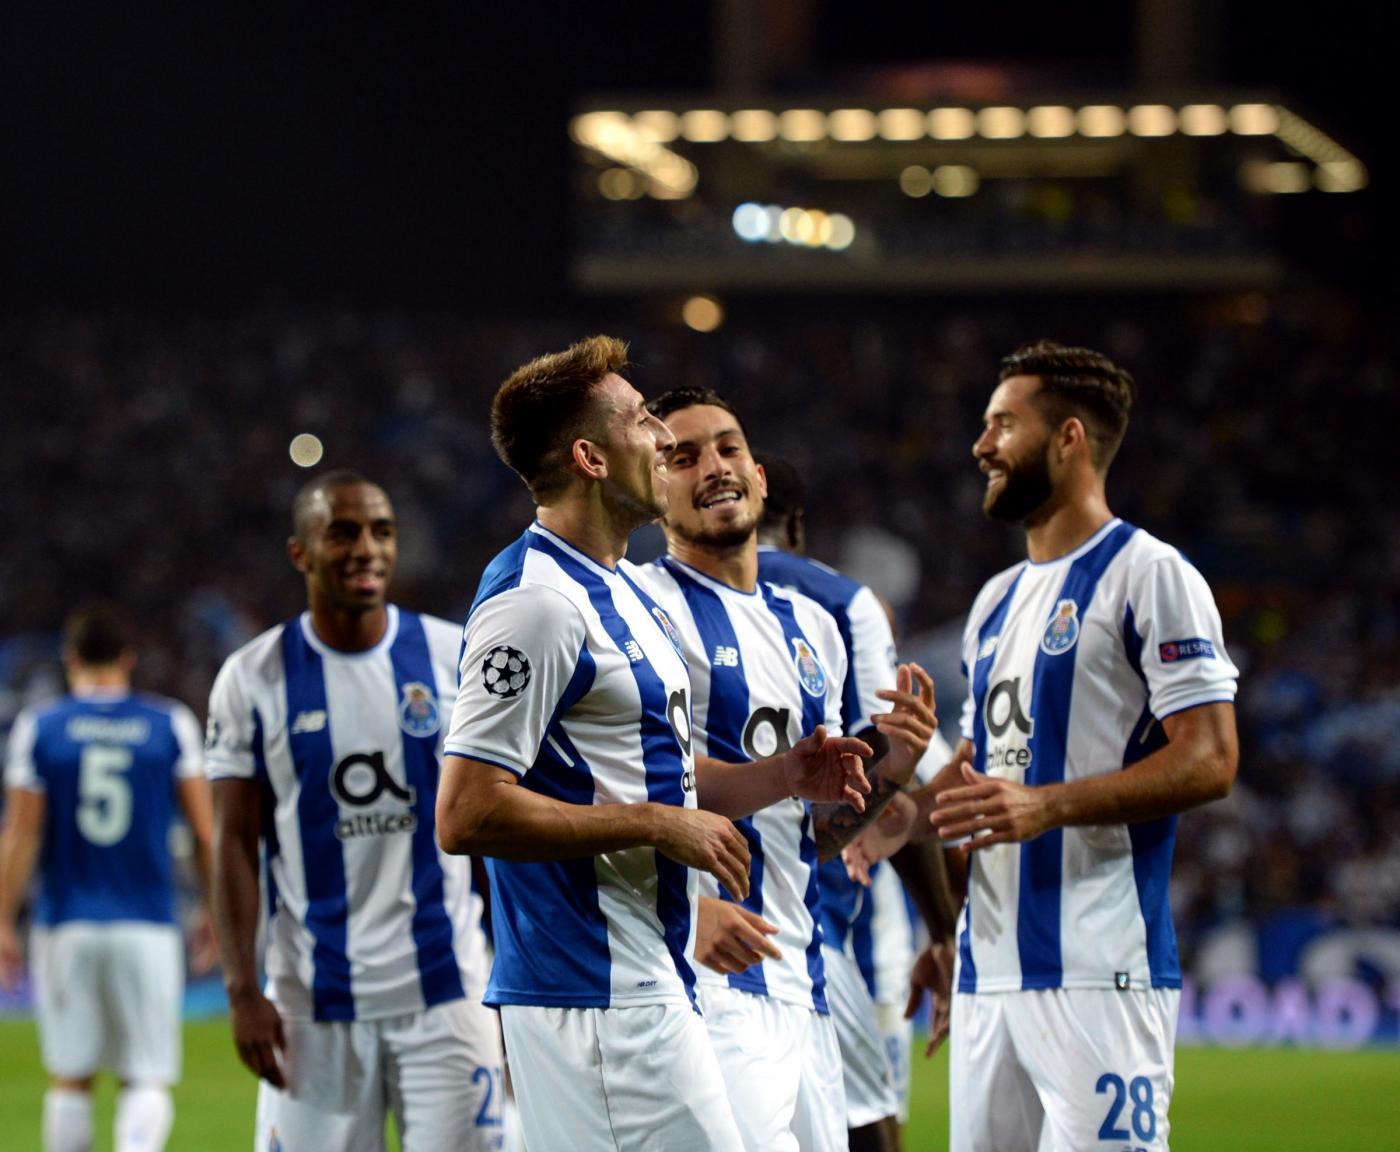 Champions League, Porto-Galatasaray mercoledì 3 ottobre: analisi e pronostico della seconda giornata della fase a gironi